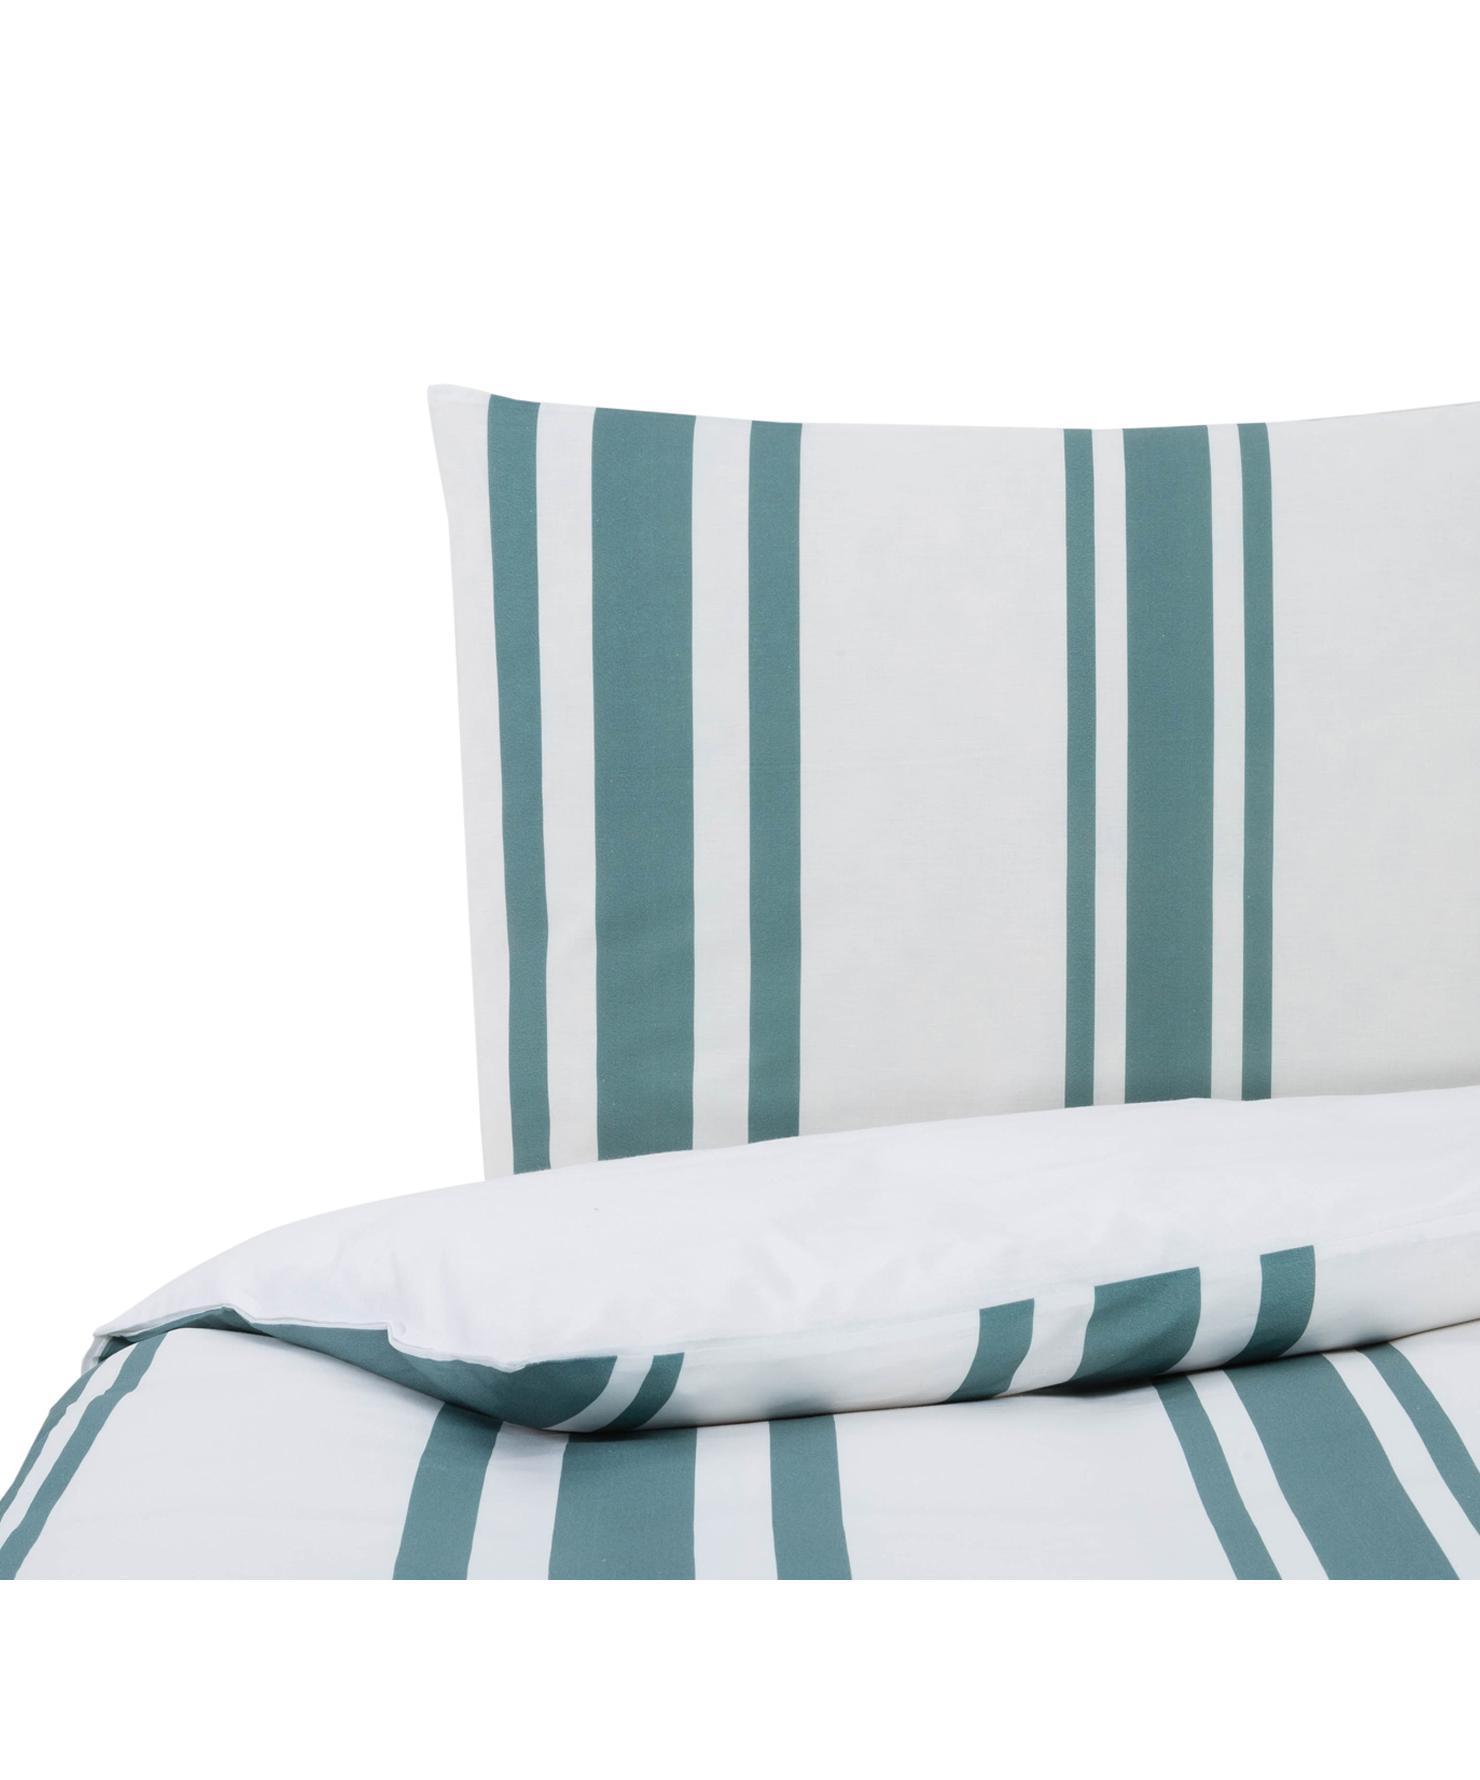 Dubbelzijdig dekbedovertrek Queque, Katoen, Bovenzijde: turquoise, wit. Onderzijde: wit, 140 x 200 cm